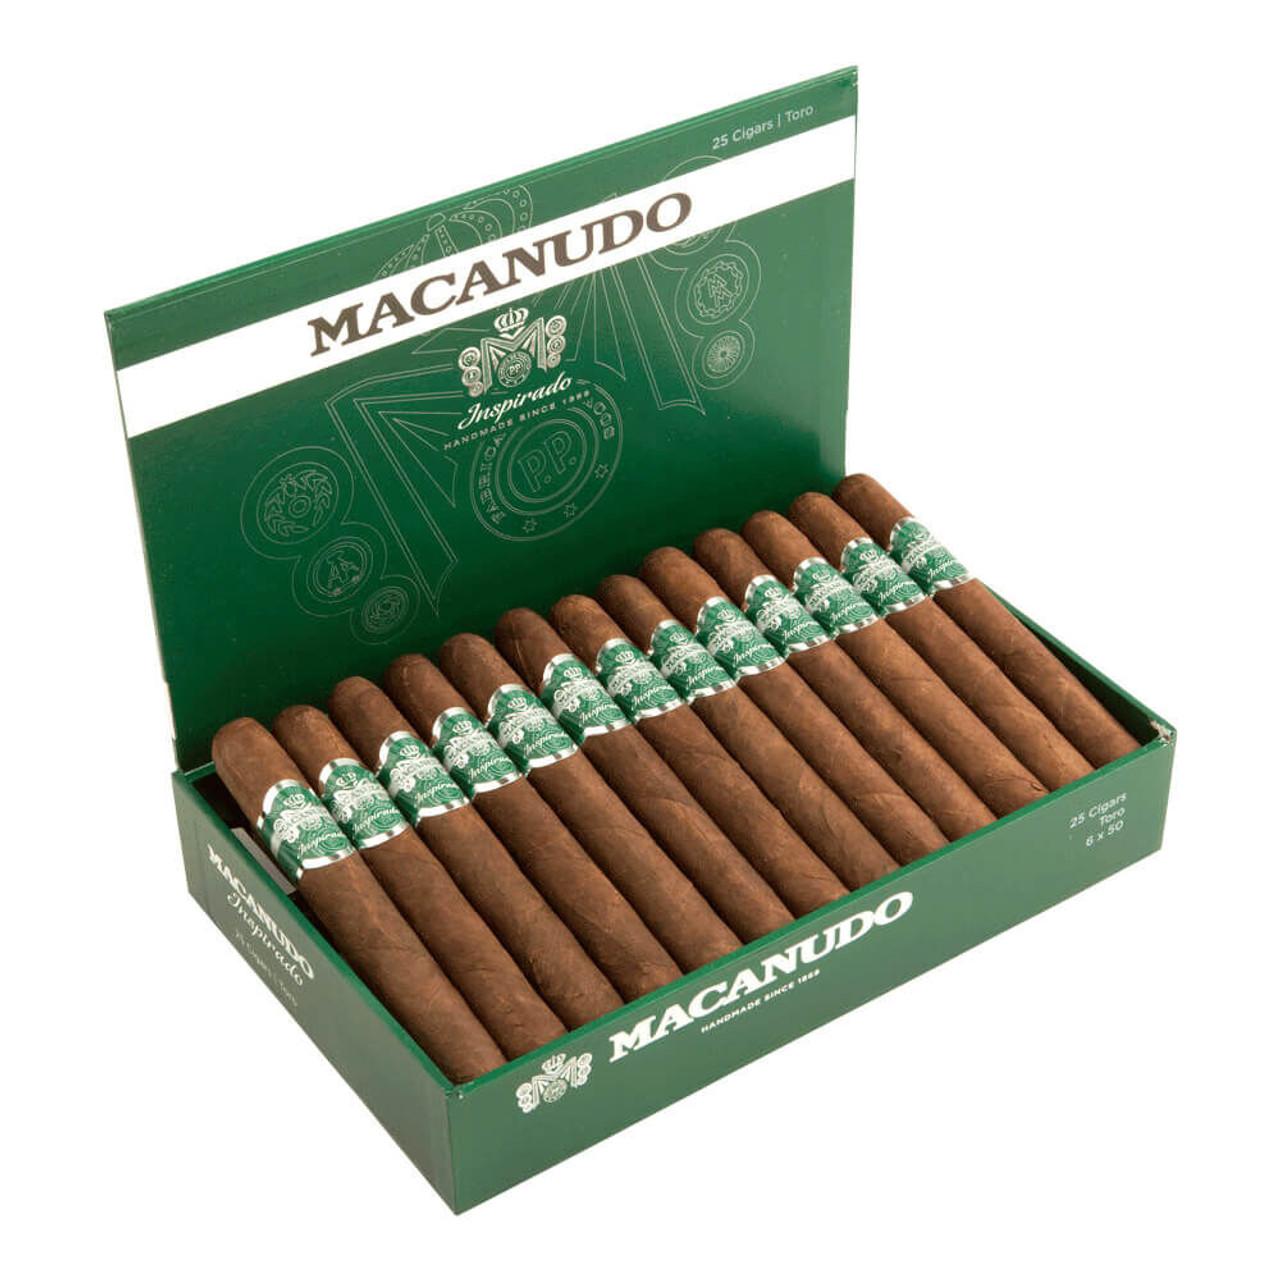 Macanudo Inspirado Green Churchill Cigars - 7.0 x 50 (Box of 25)